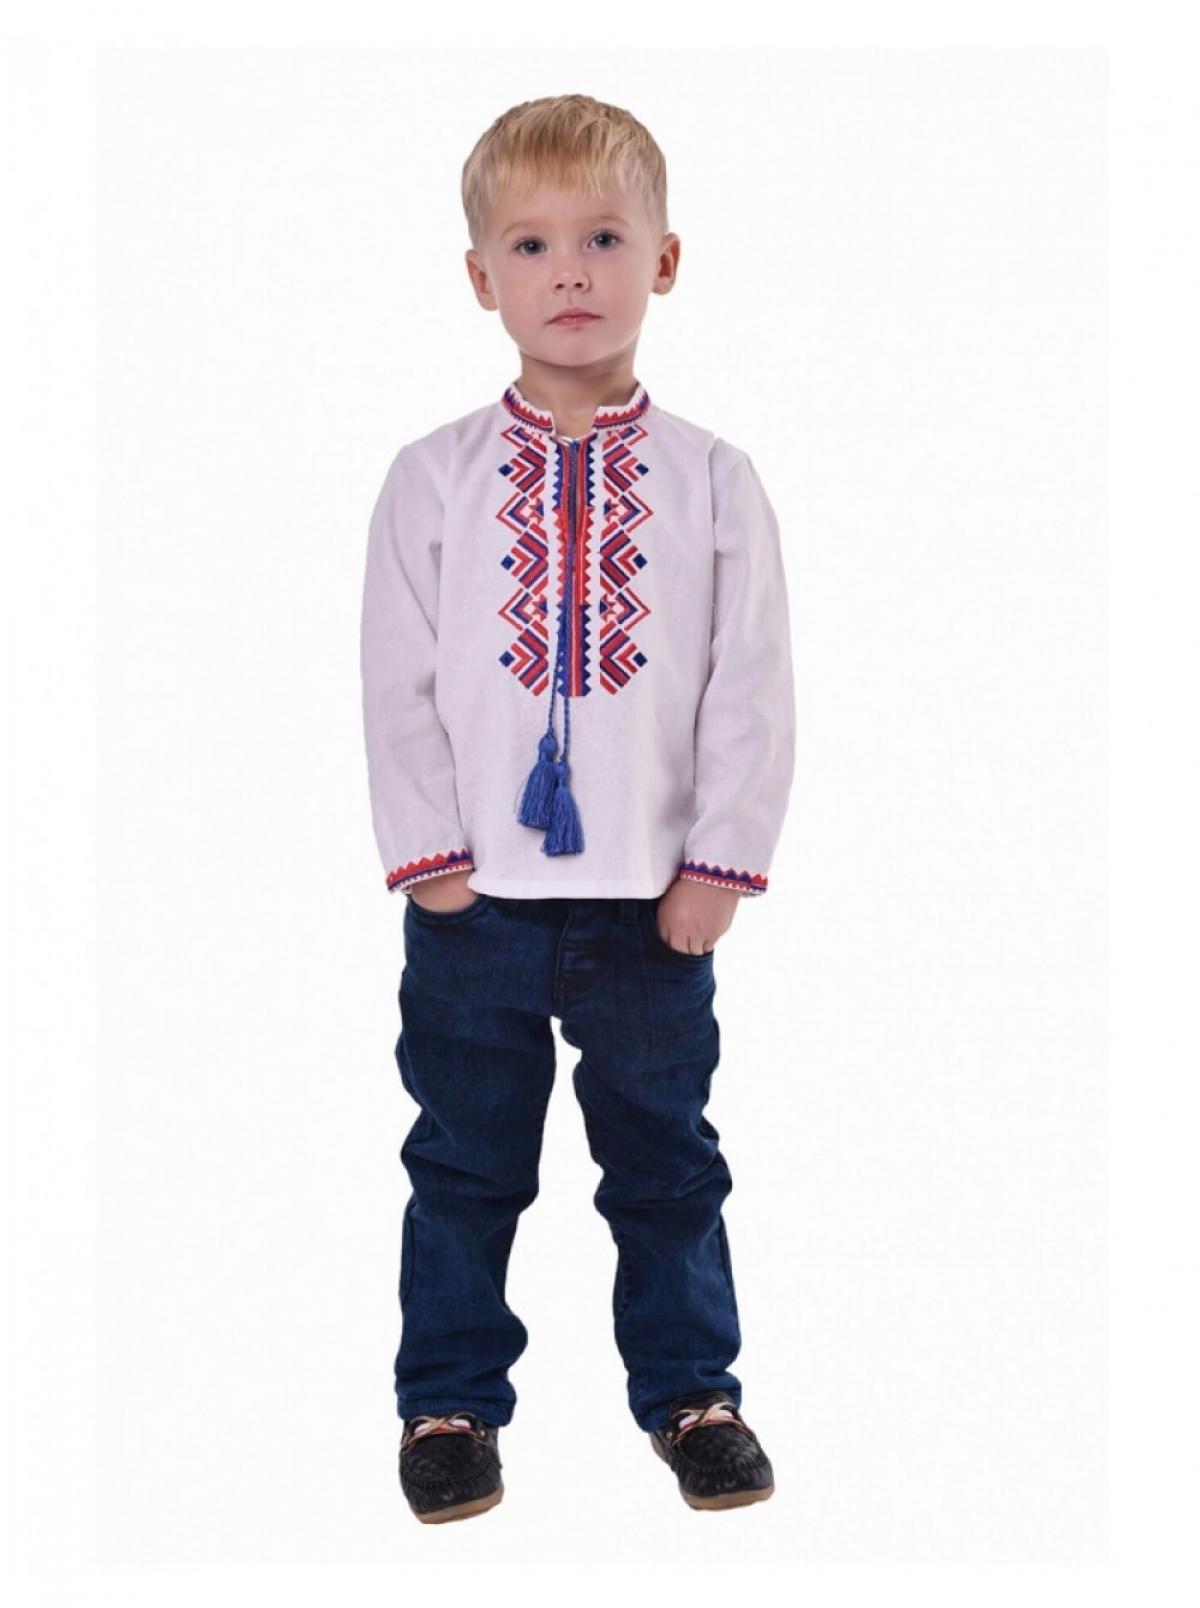 Вышиванка для мальчика с сине-красным узором. Фото №1. | Народный дом Украина